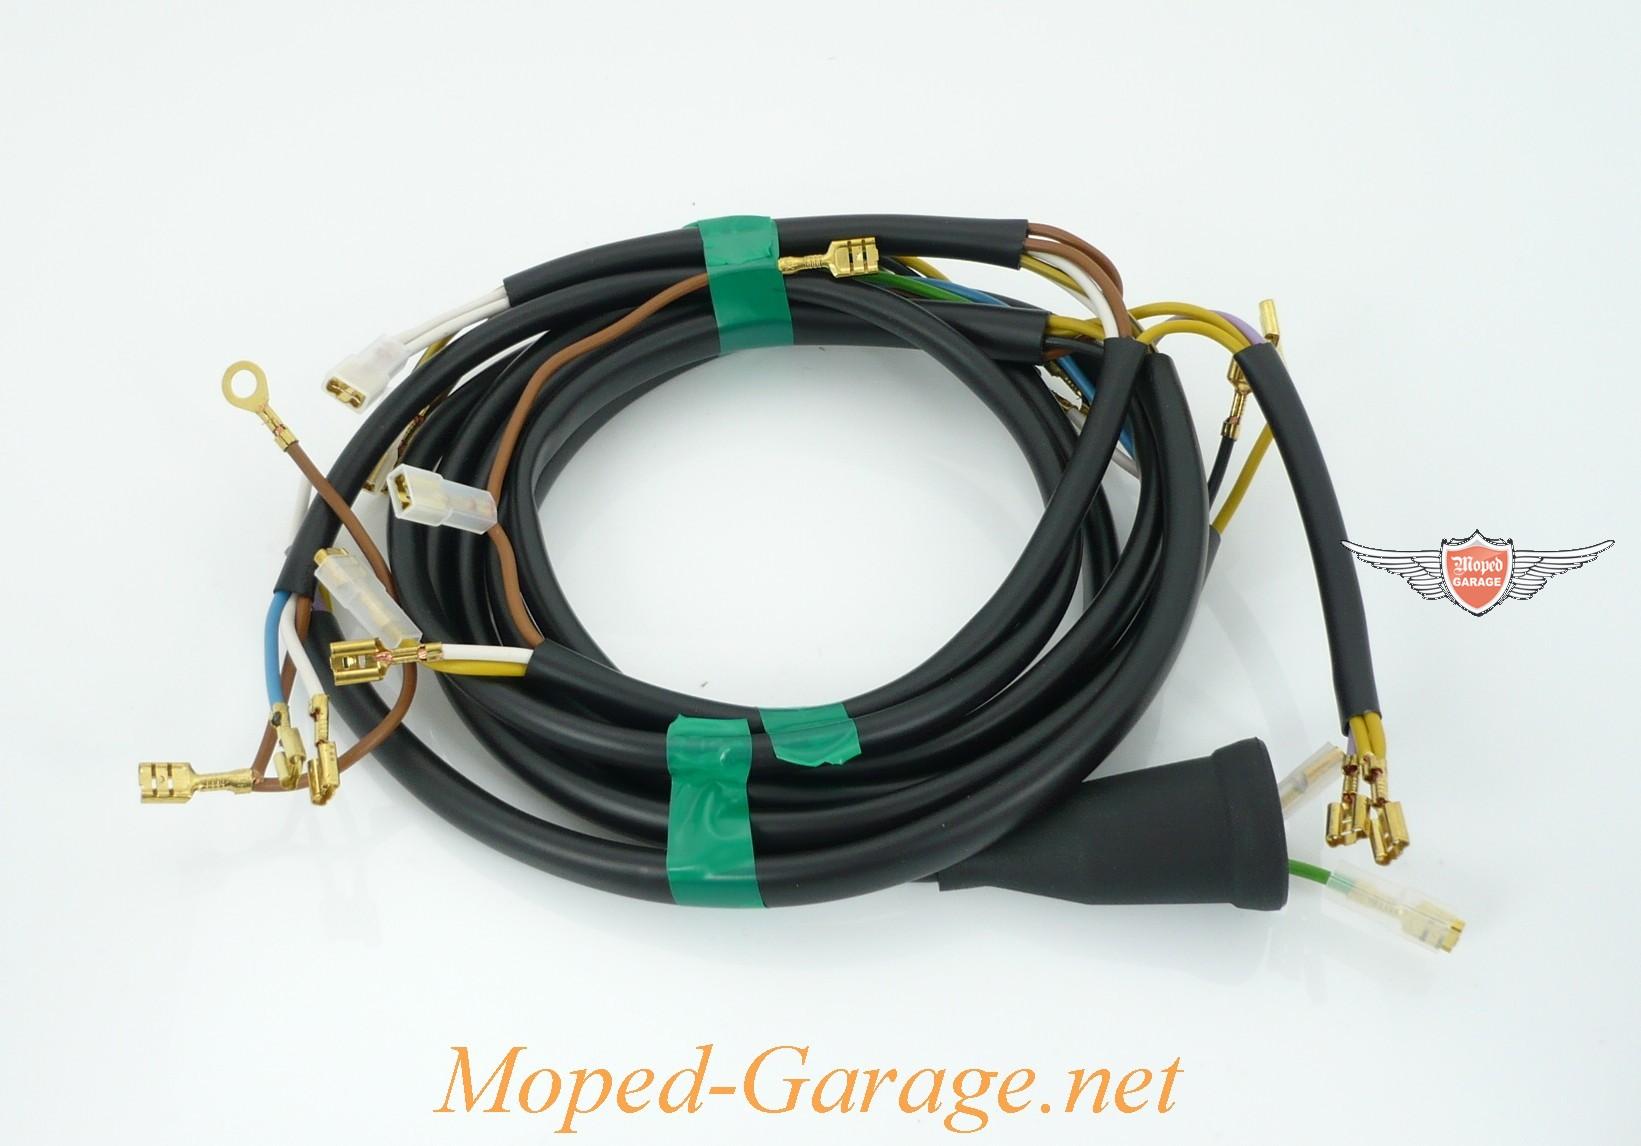 Moped-Garage.net | Puch Monza 4 S Kabelbaum | Moped Teile Kaufen